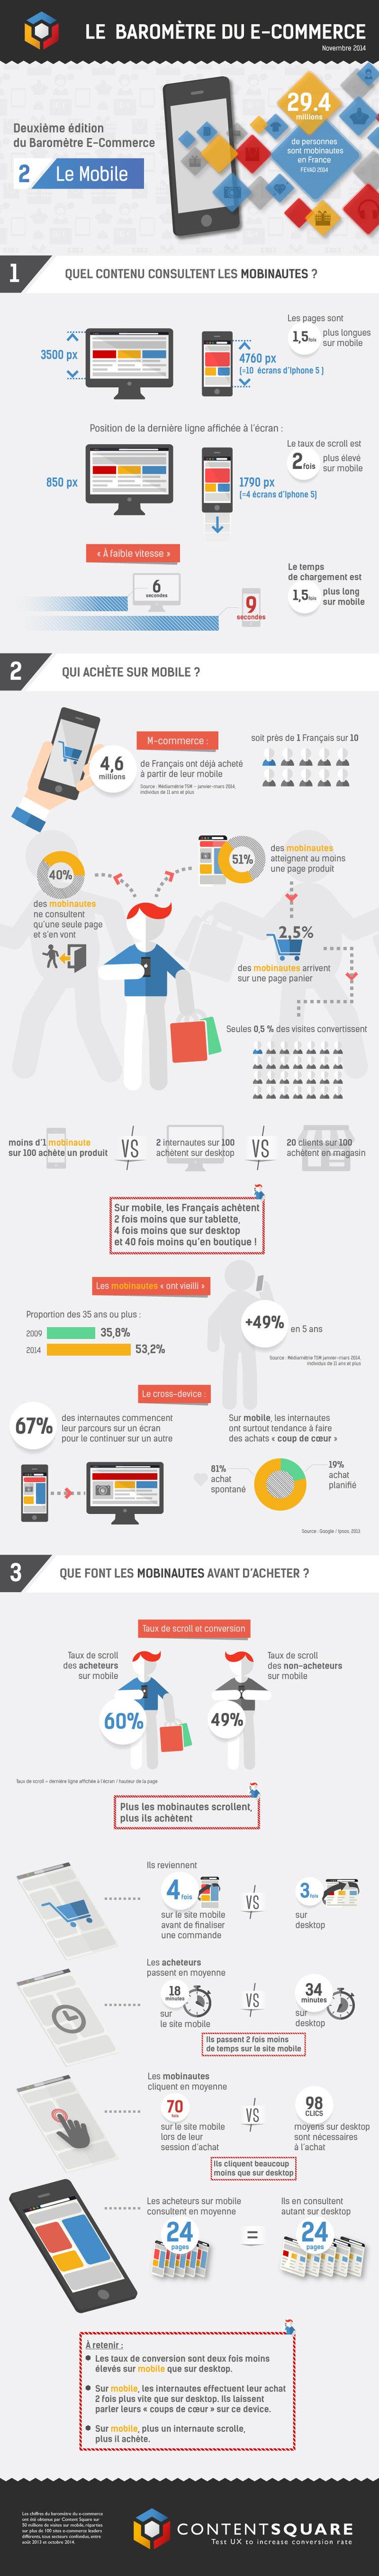 2440528-infographie-barometre-de-l-e-commerce-sur-mobile